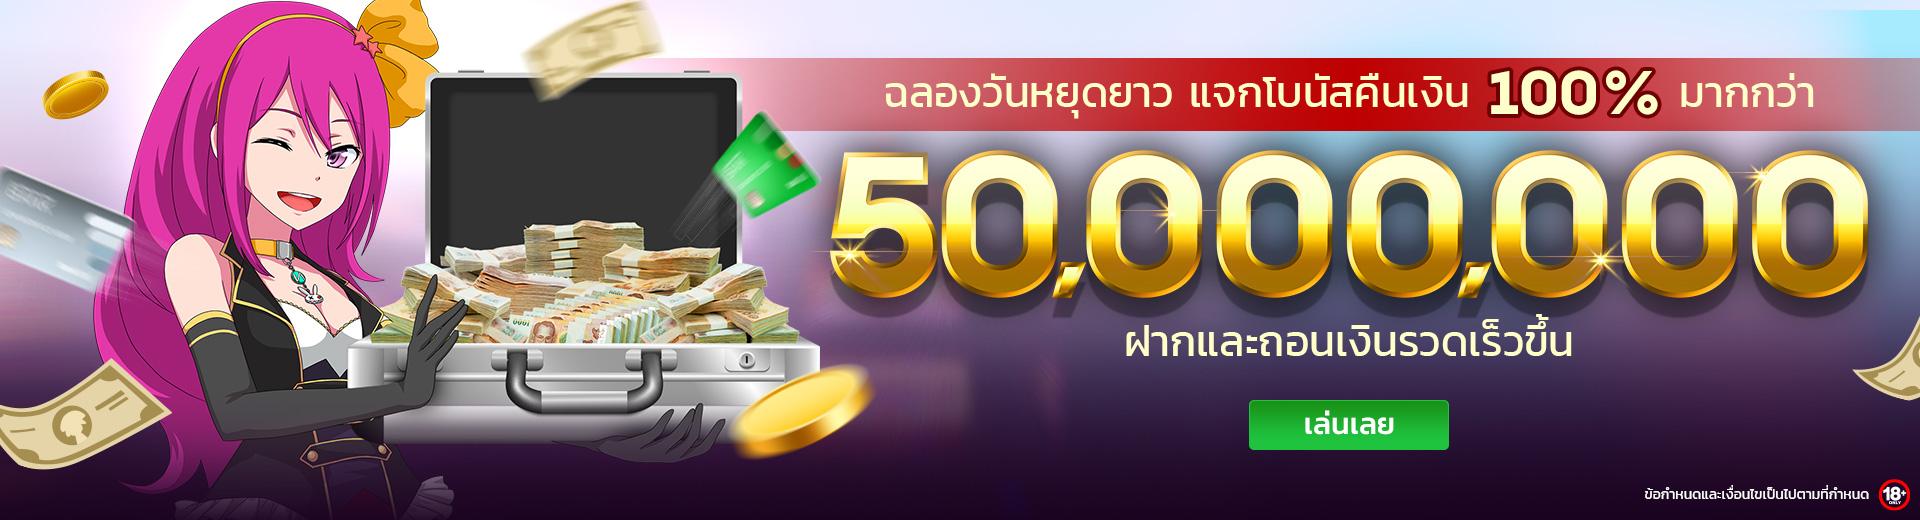 ฉลองวันหยุดยาว แจกโบนัสคืนเงิน สูงถึง 50ล้าน ที่ LuckyNiki